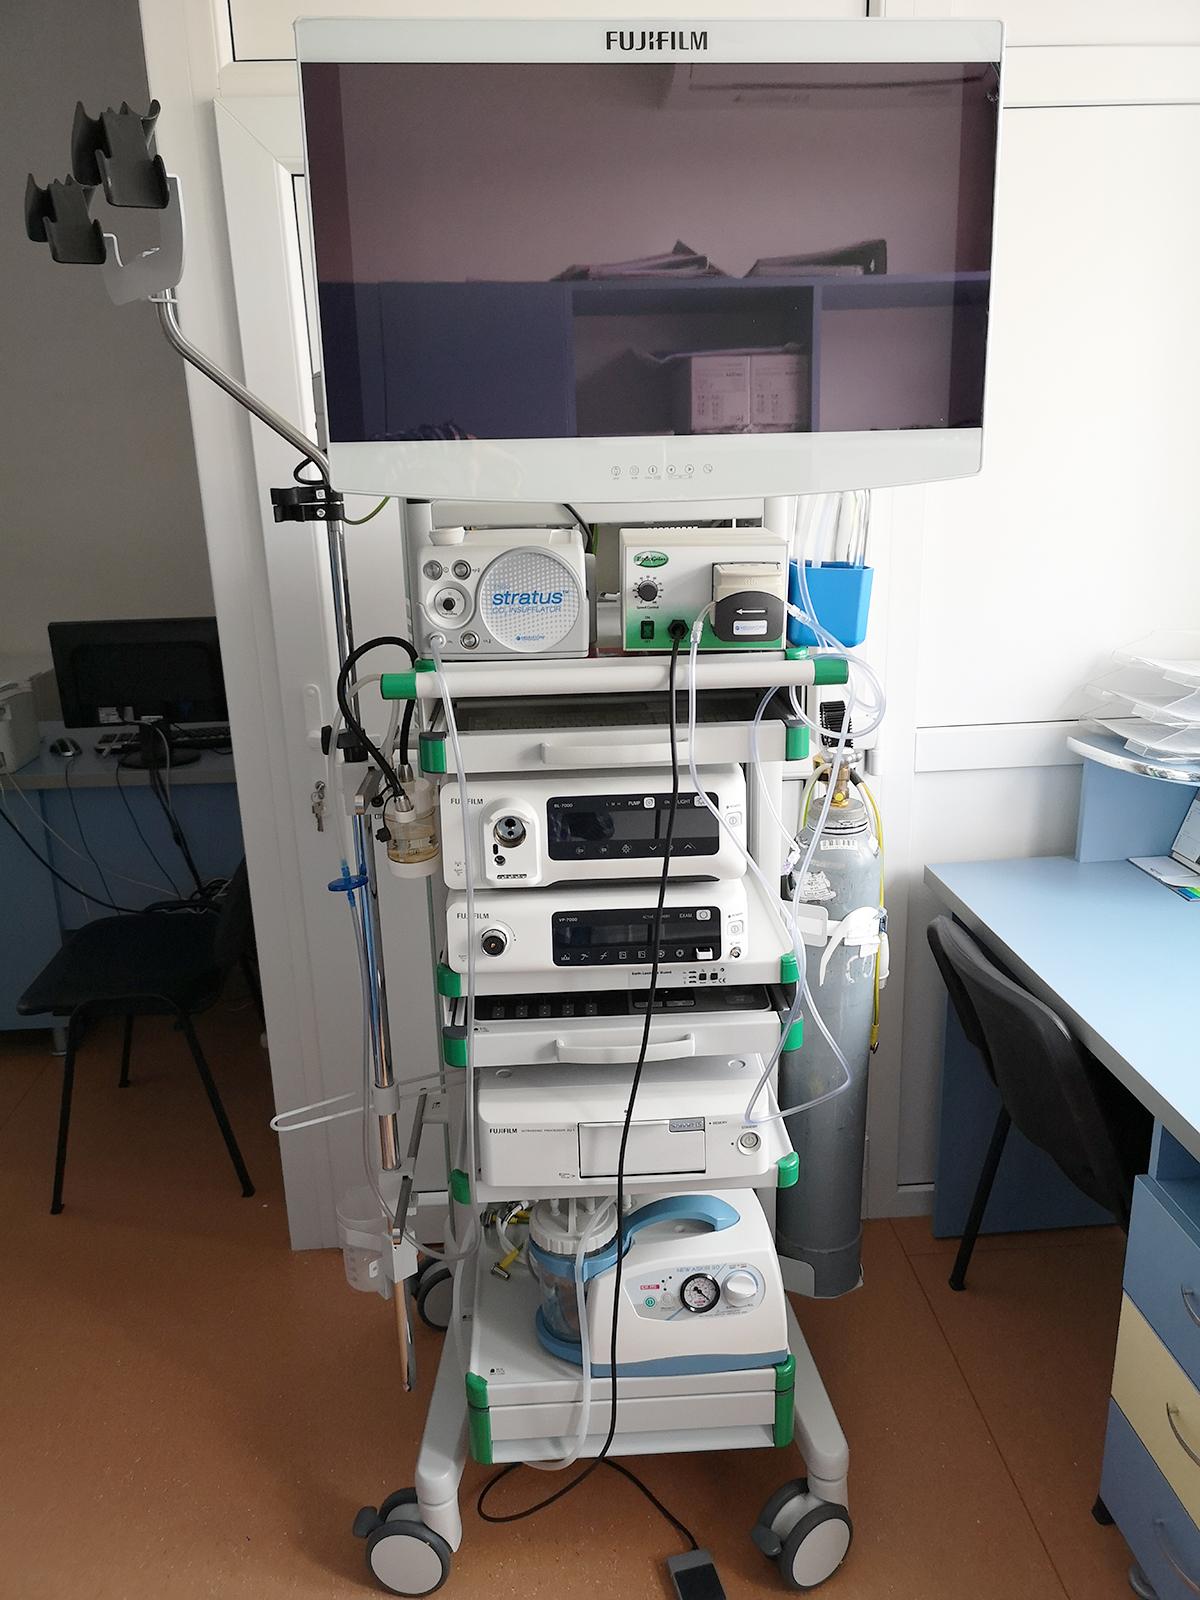 Sistem complet video eco-endoscopie Eluxeo Fuji